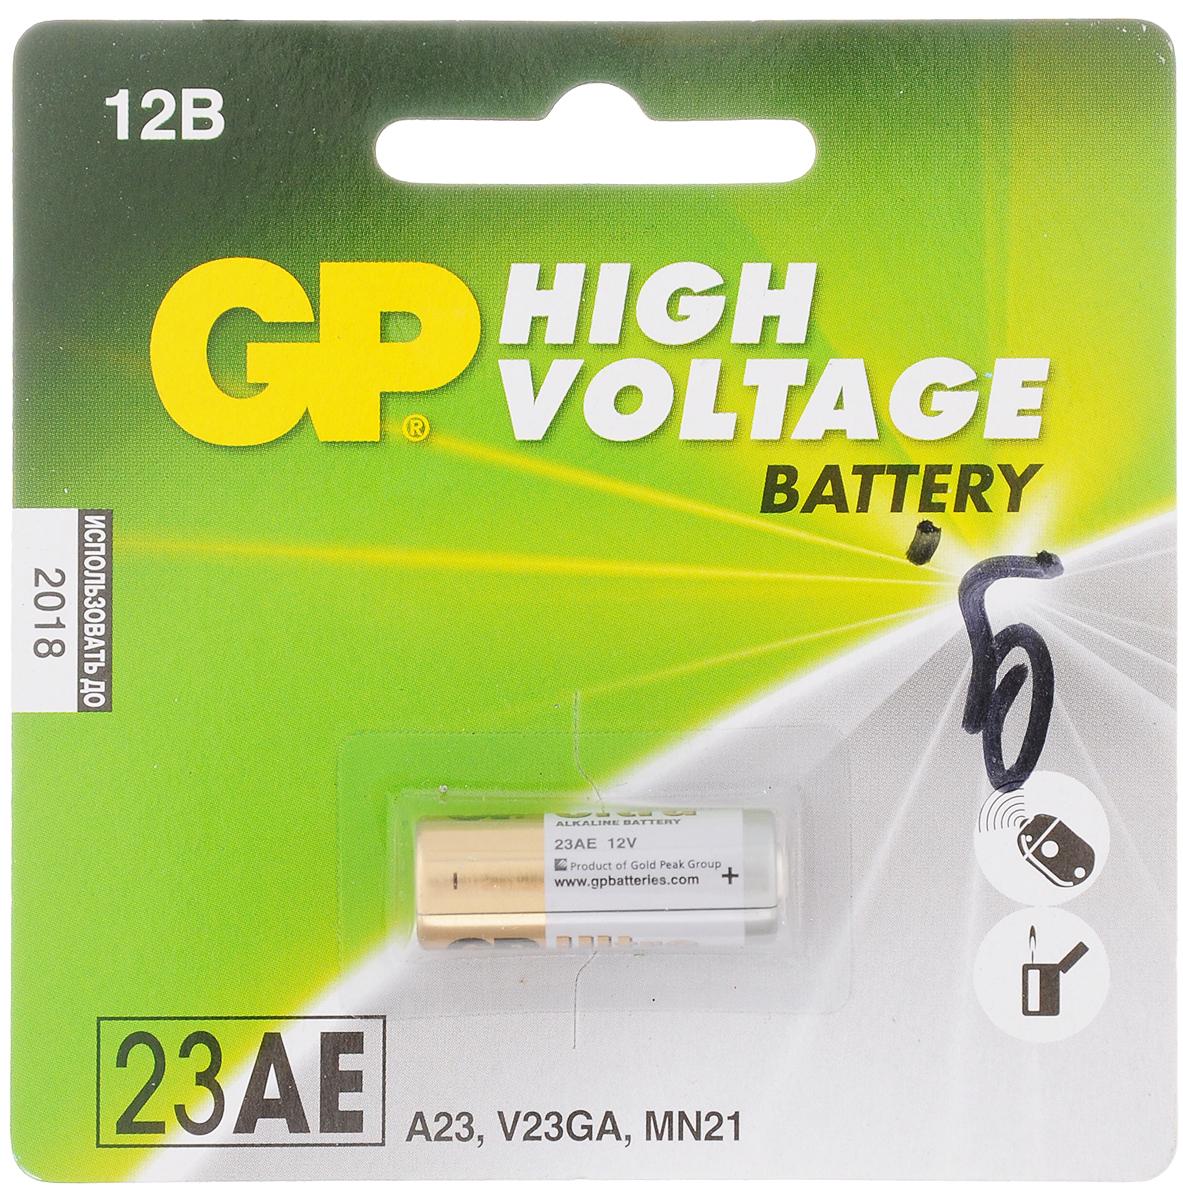 Батарейка высоковольтная GP Batteries, тип 23АE2893Высоковольтные батареи включают в себя целый ряд элементов питания марганцево-цинковой системы с щелочным электролитом. Все батареи этой системы представляют собой набор элементов дисковой конструкции, собранных в единый металлический корпус. Такие батареи отличаются высоким разрядным напряжением от 6 до 15 В. Улучшенные характеристики батарей позволяют эффективно использовать их в современных цифровых охранных комплексах. Также используются в пультах дистанционного управления, детских игрушках, цифровых органайзерах.